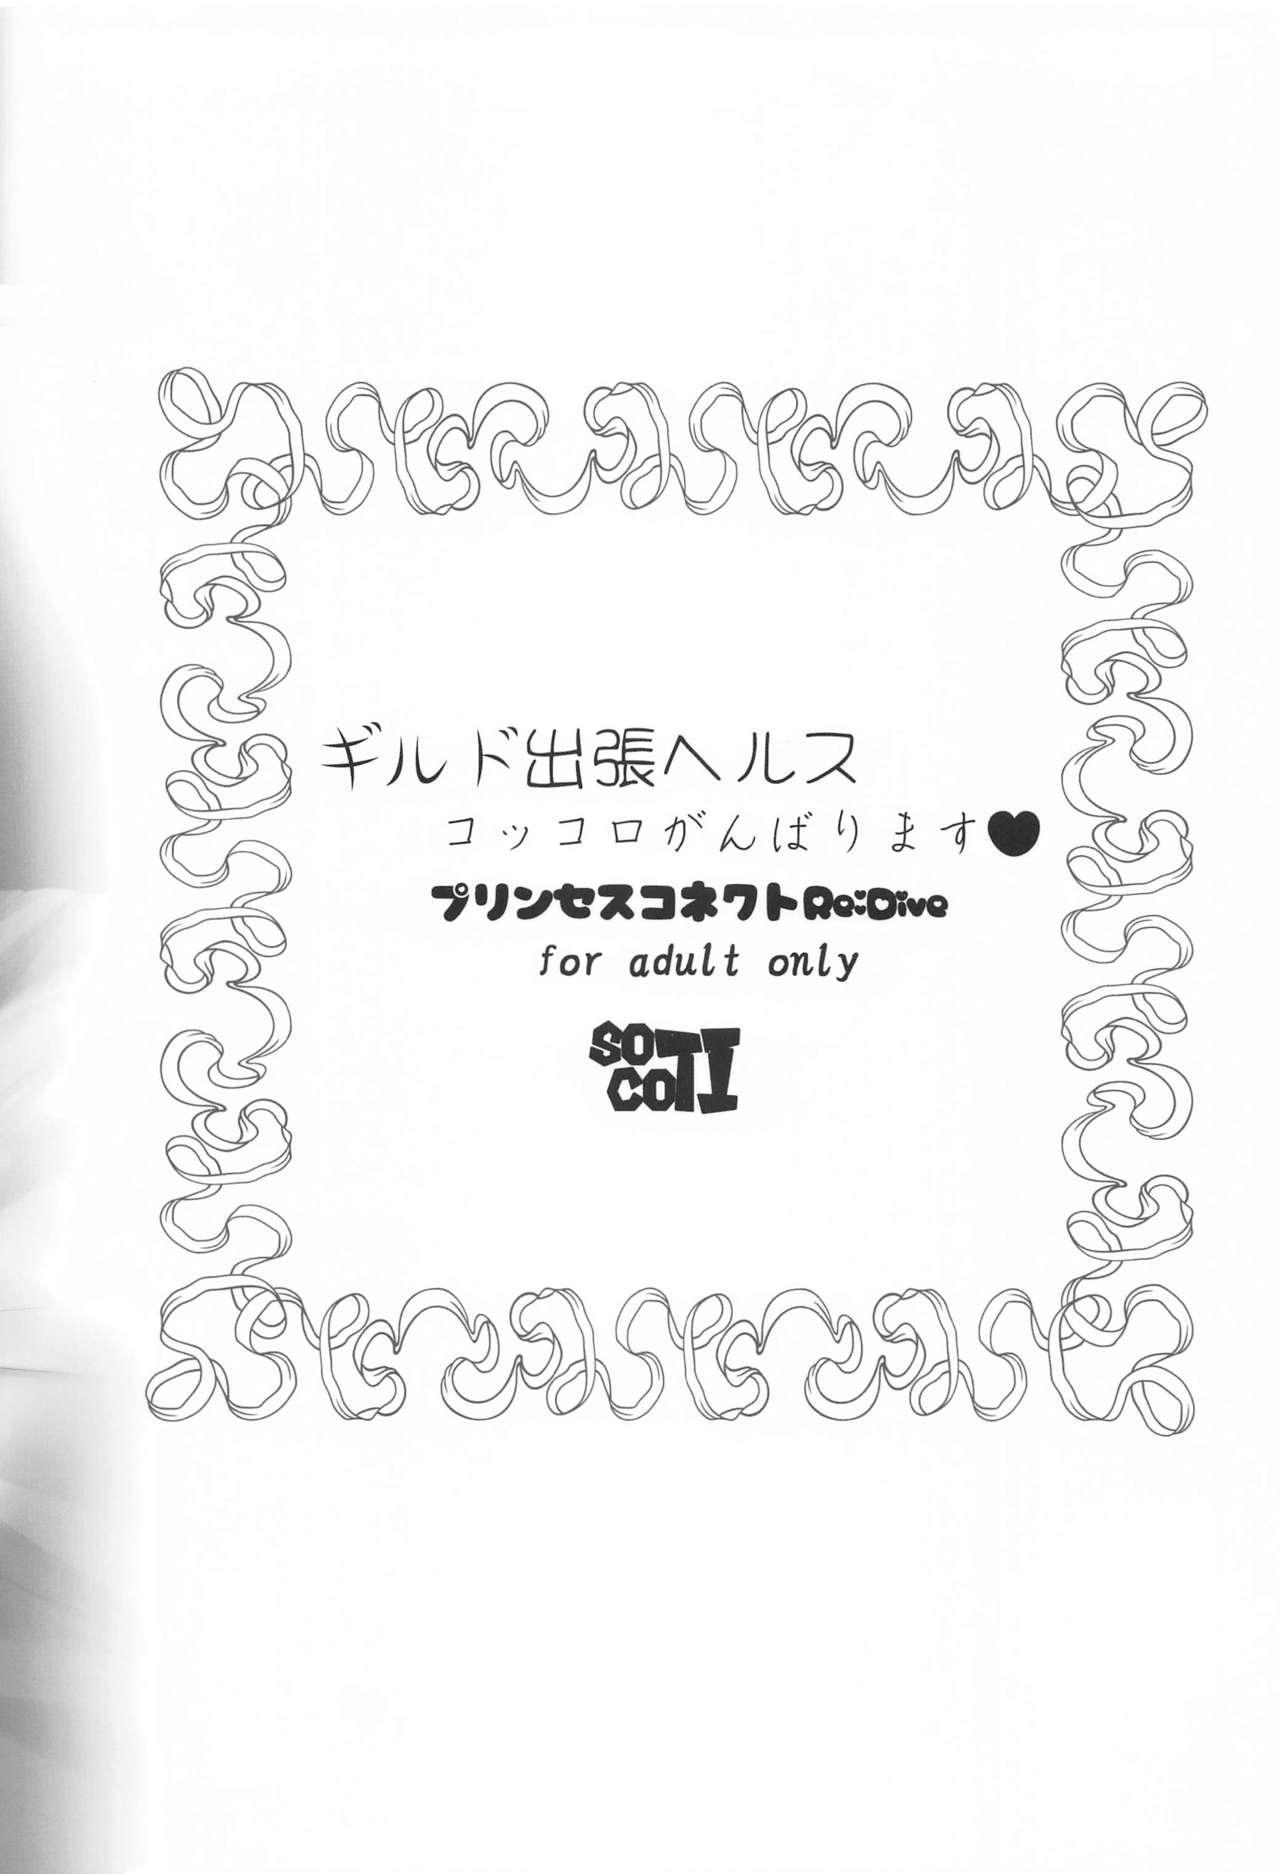 Guild Shucchou Health: Kokkoro Ganbarimasu 21